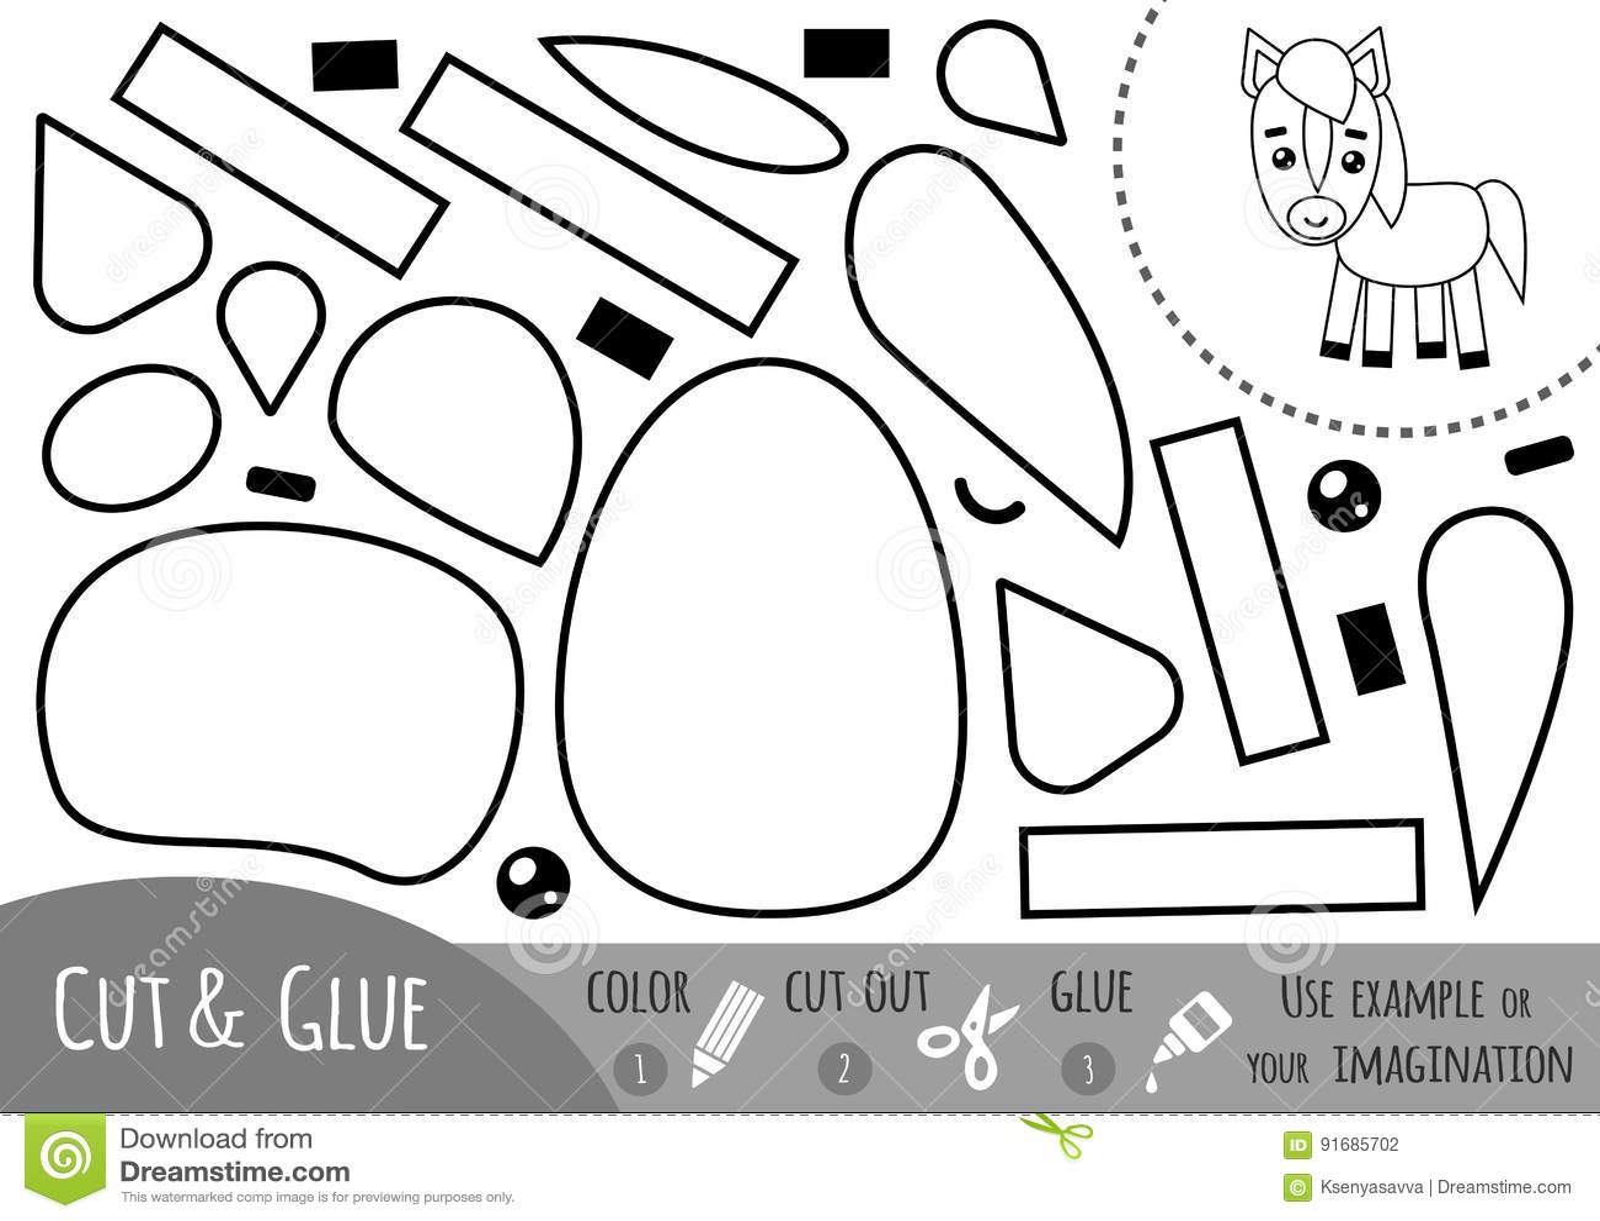 Juego De Papel Para Los Ninos Caballo De La Educacion Ilustracion